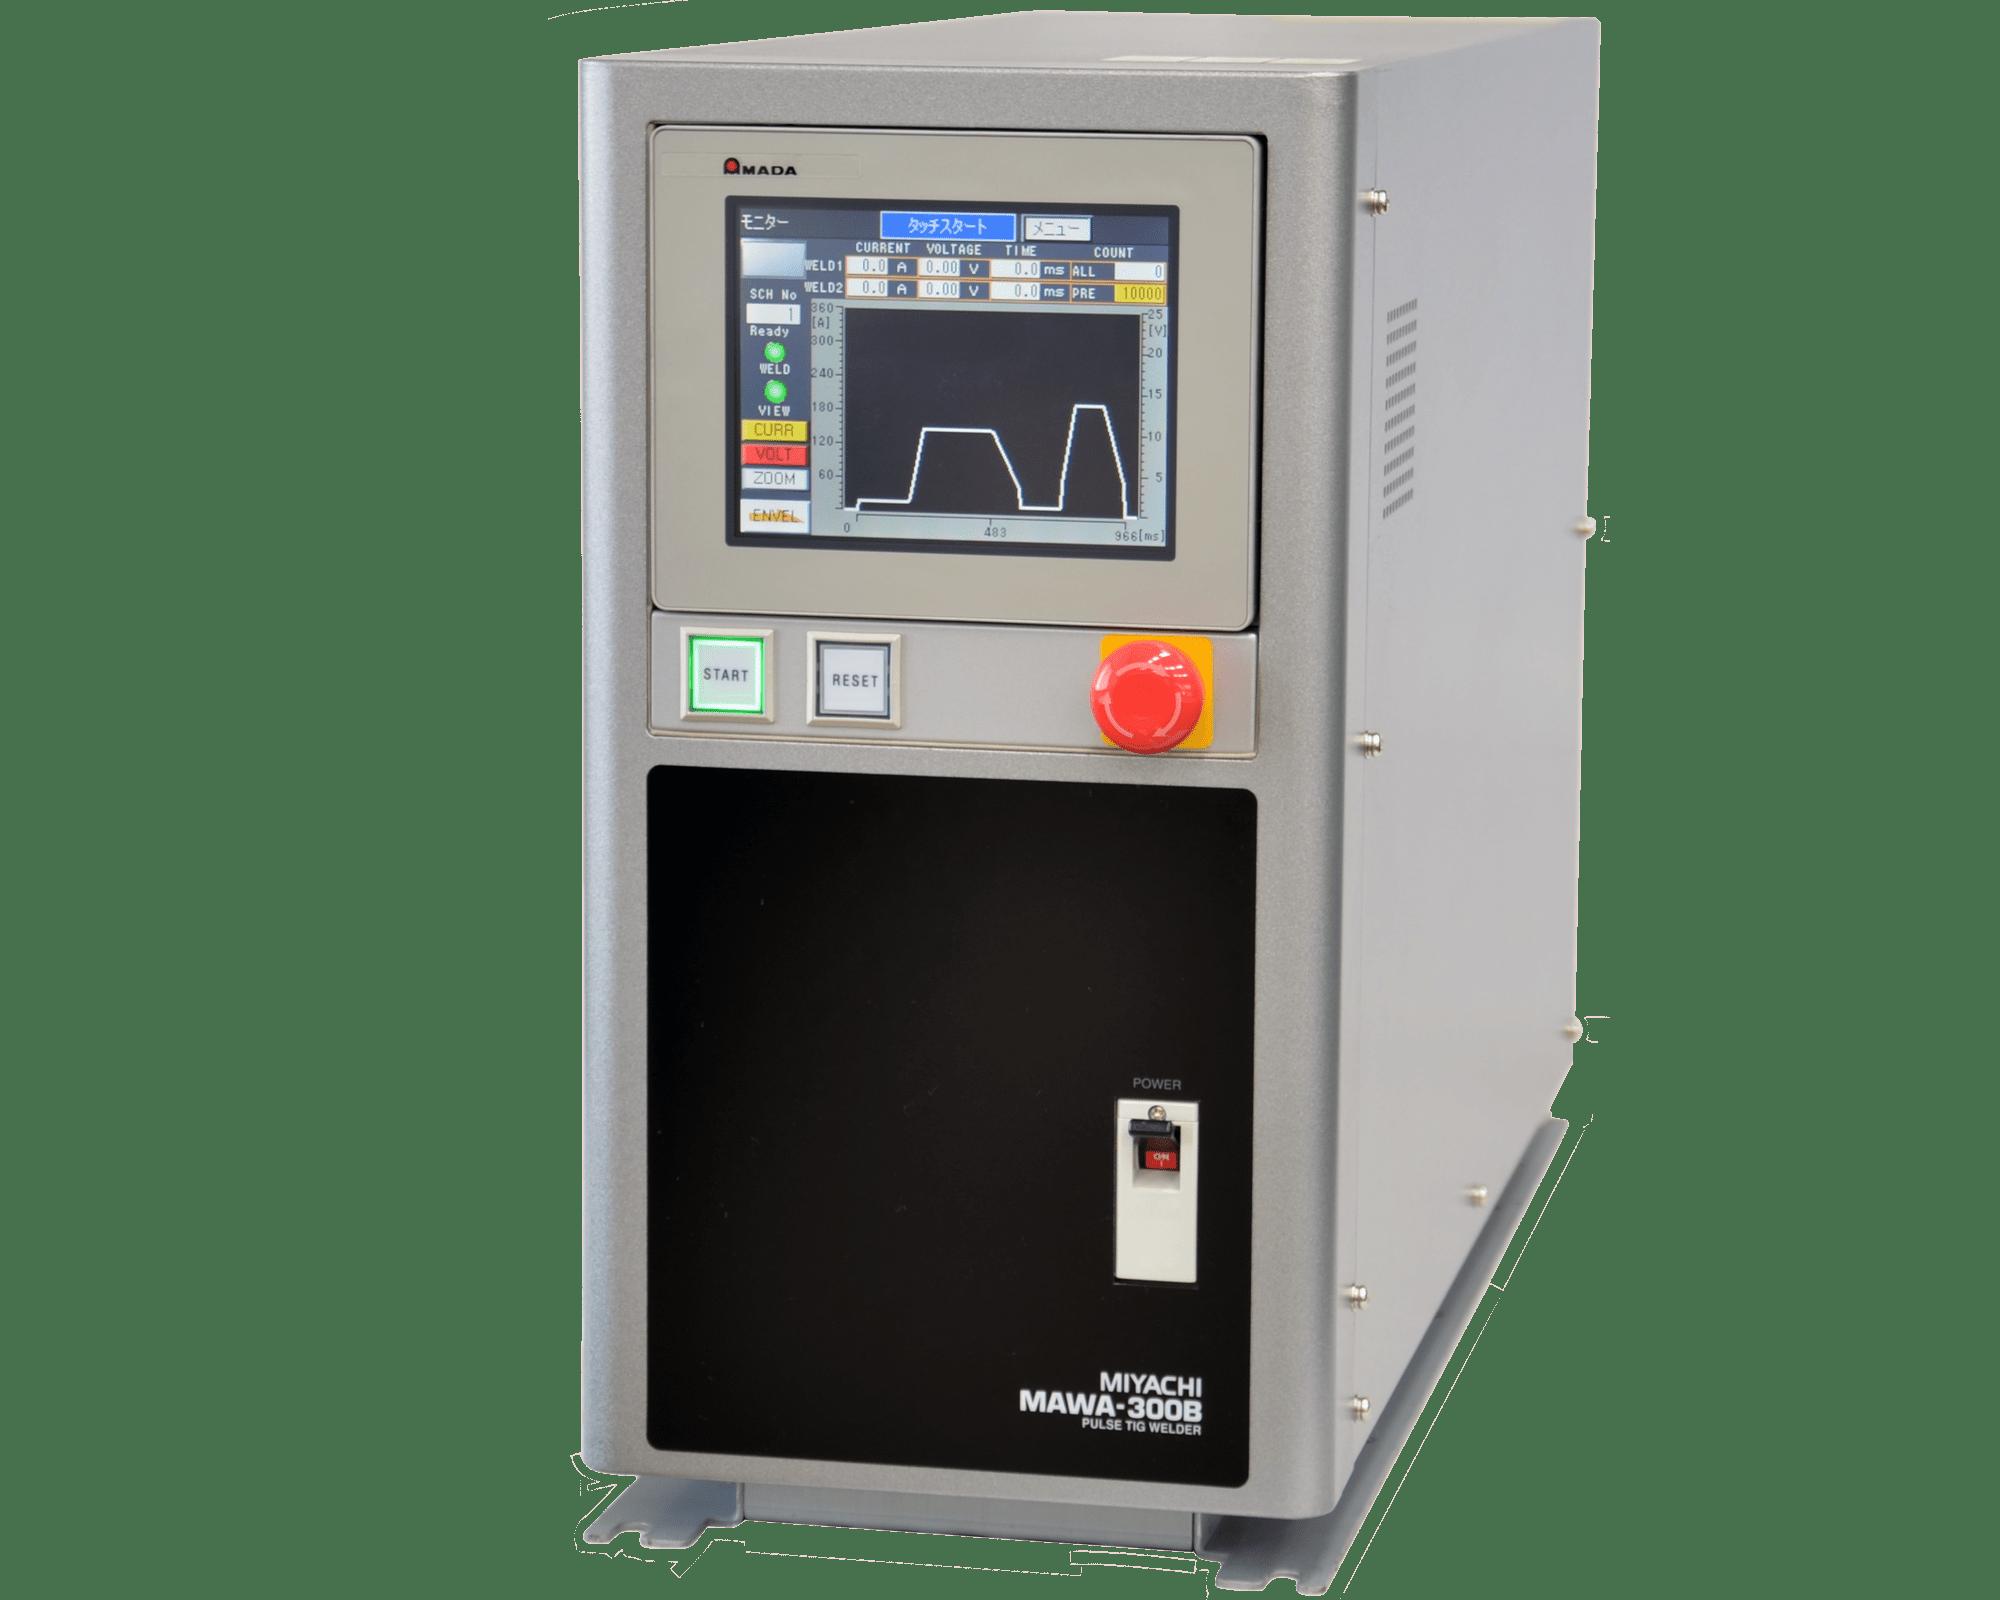 MAWA-300B Pulsed Micro TIG Welder